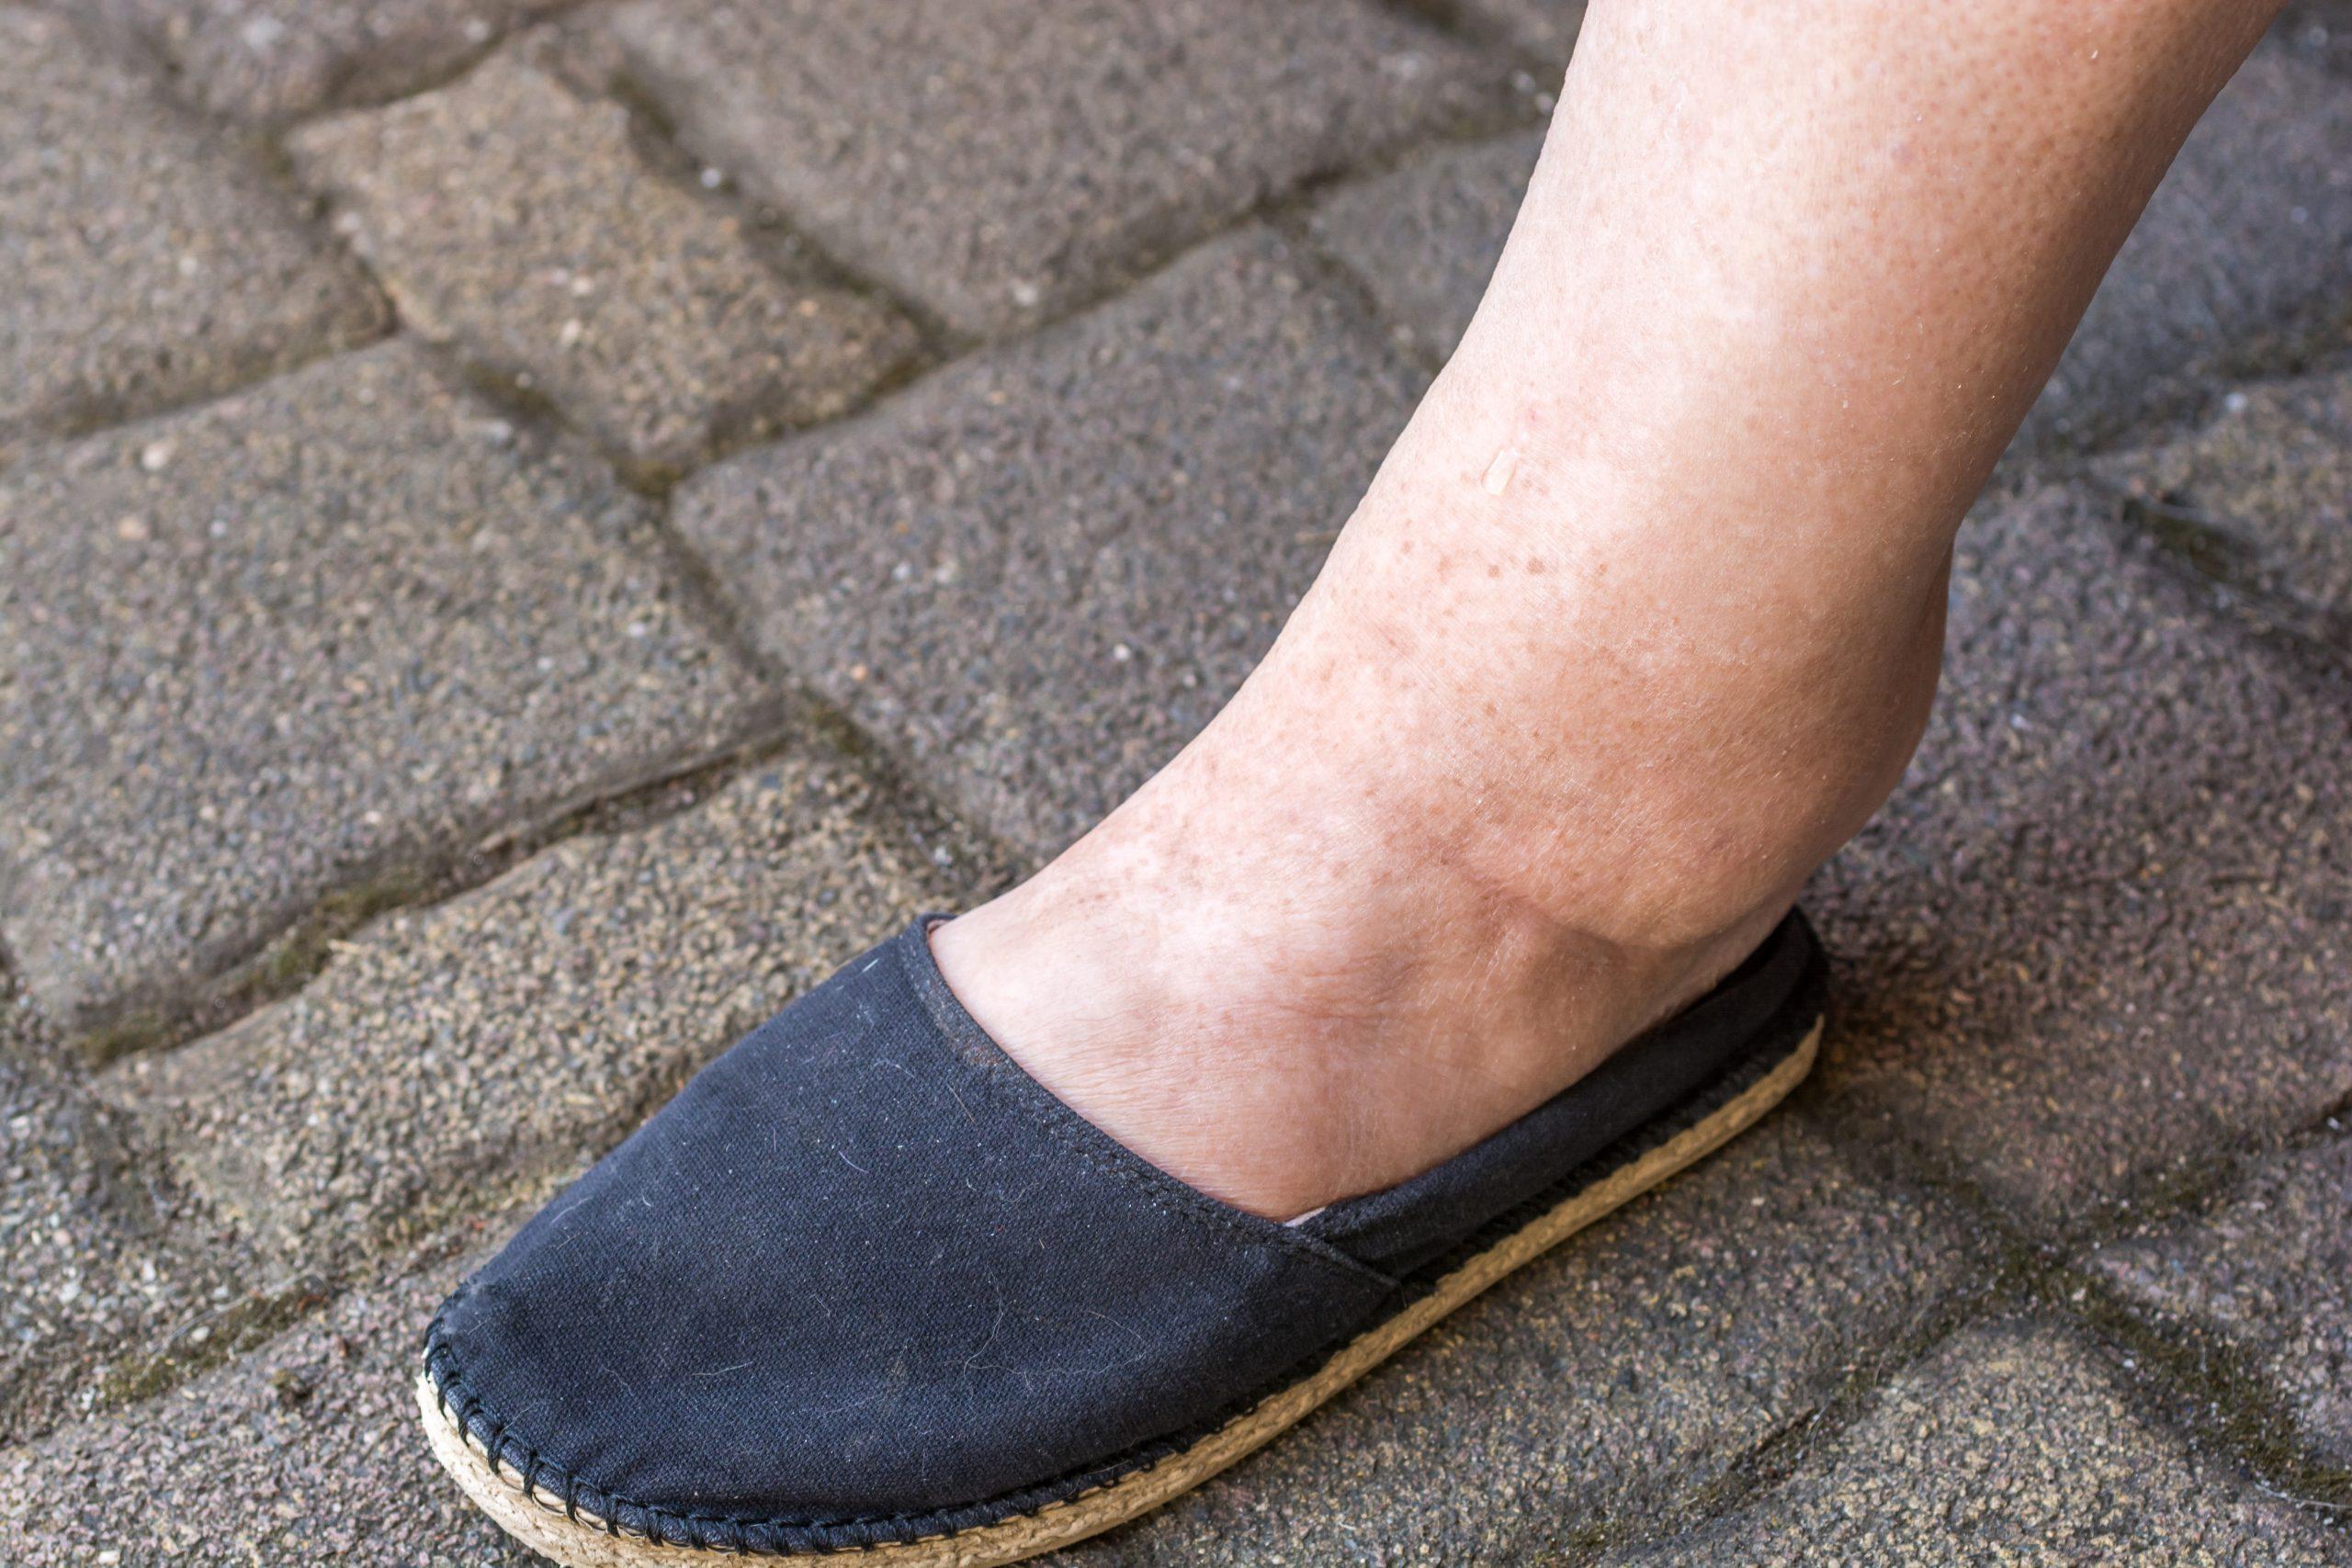 picioare umflate din reteție de apă